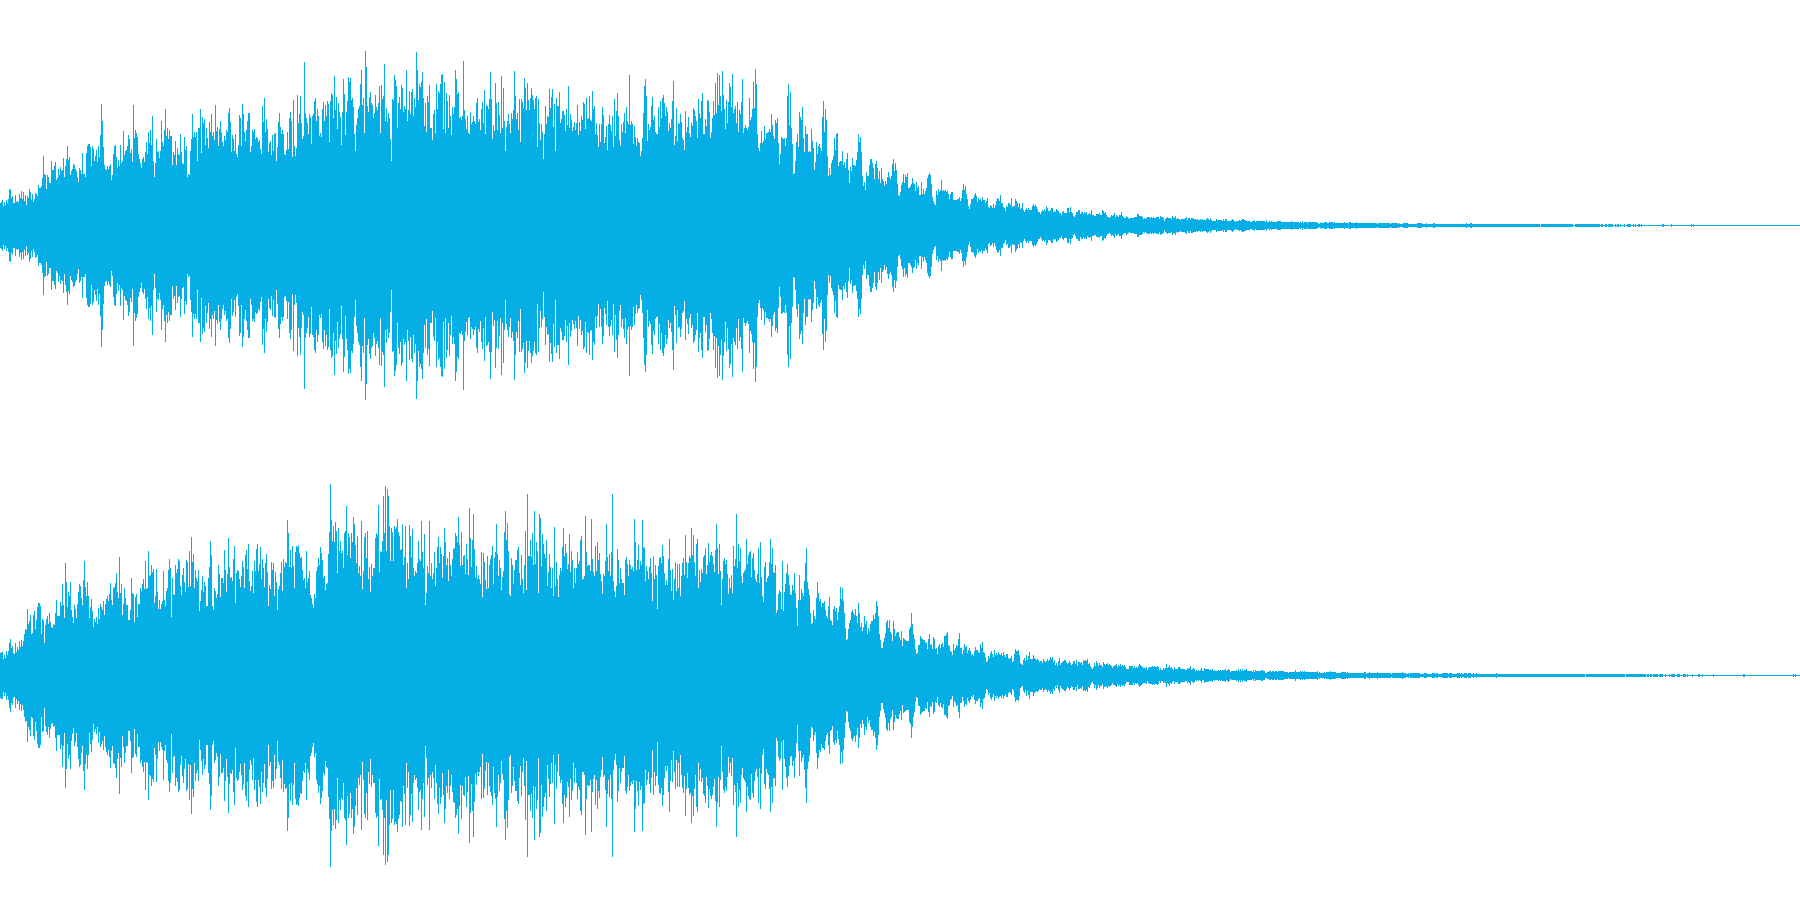 ダークファンタジーサウンドの再生済みの波形